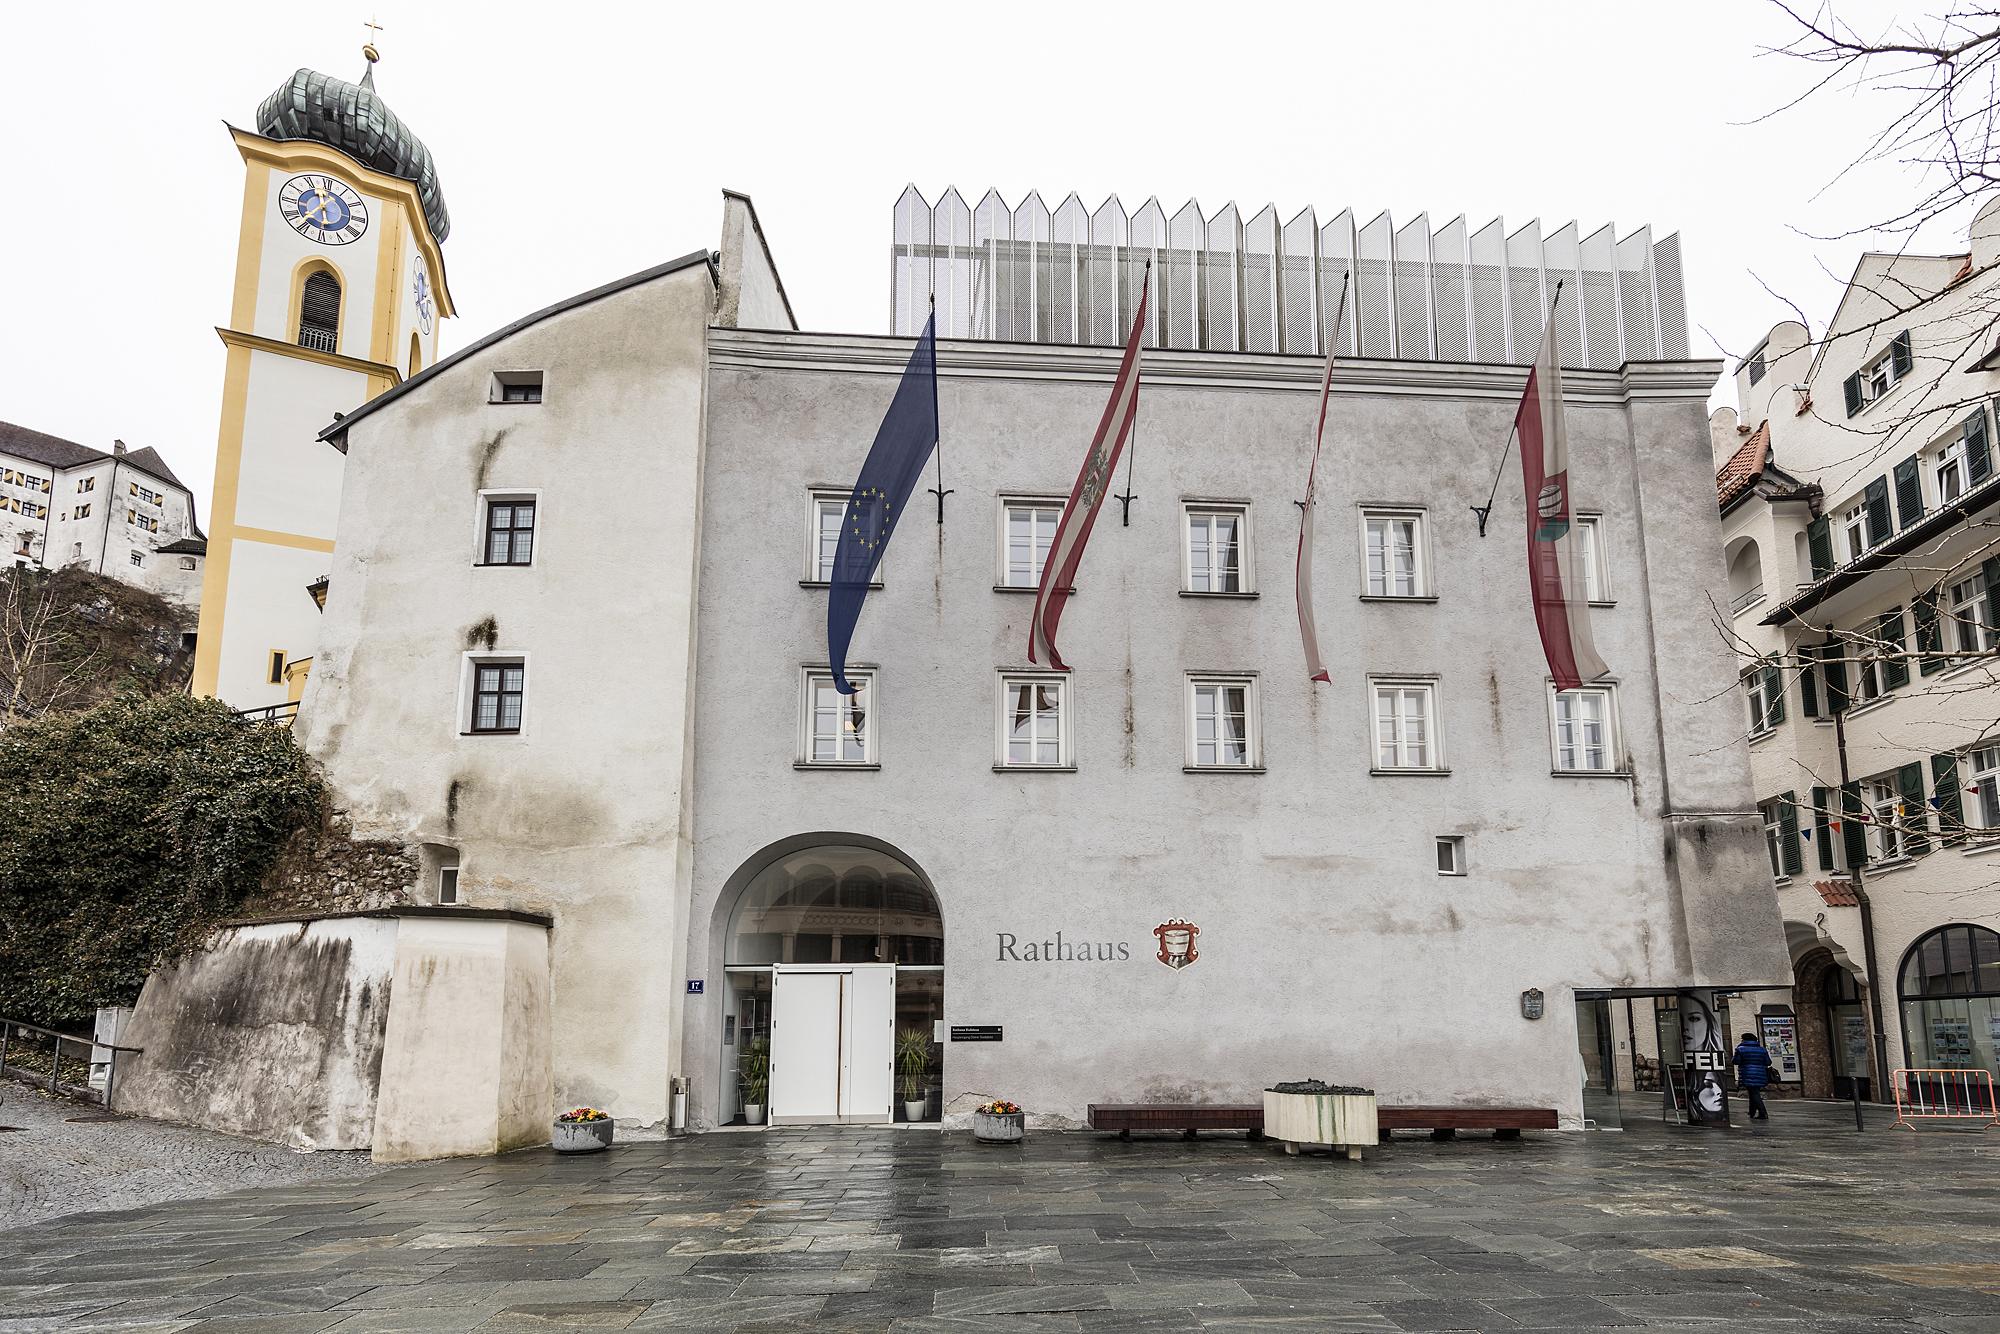 Rathaus-Kufstein_©marschall_8094